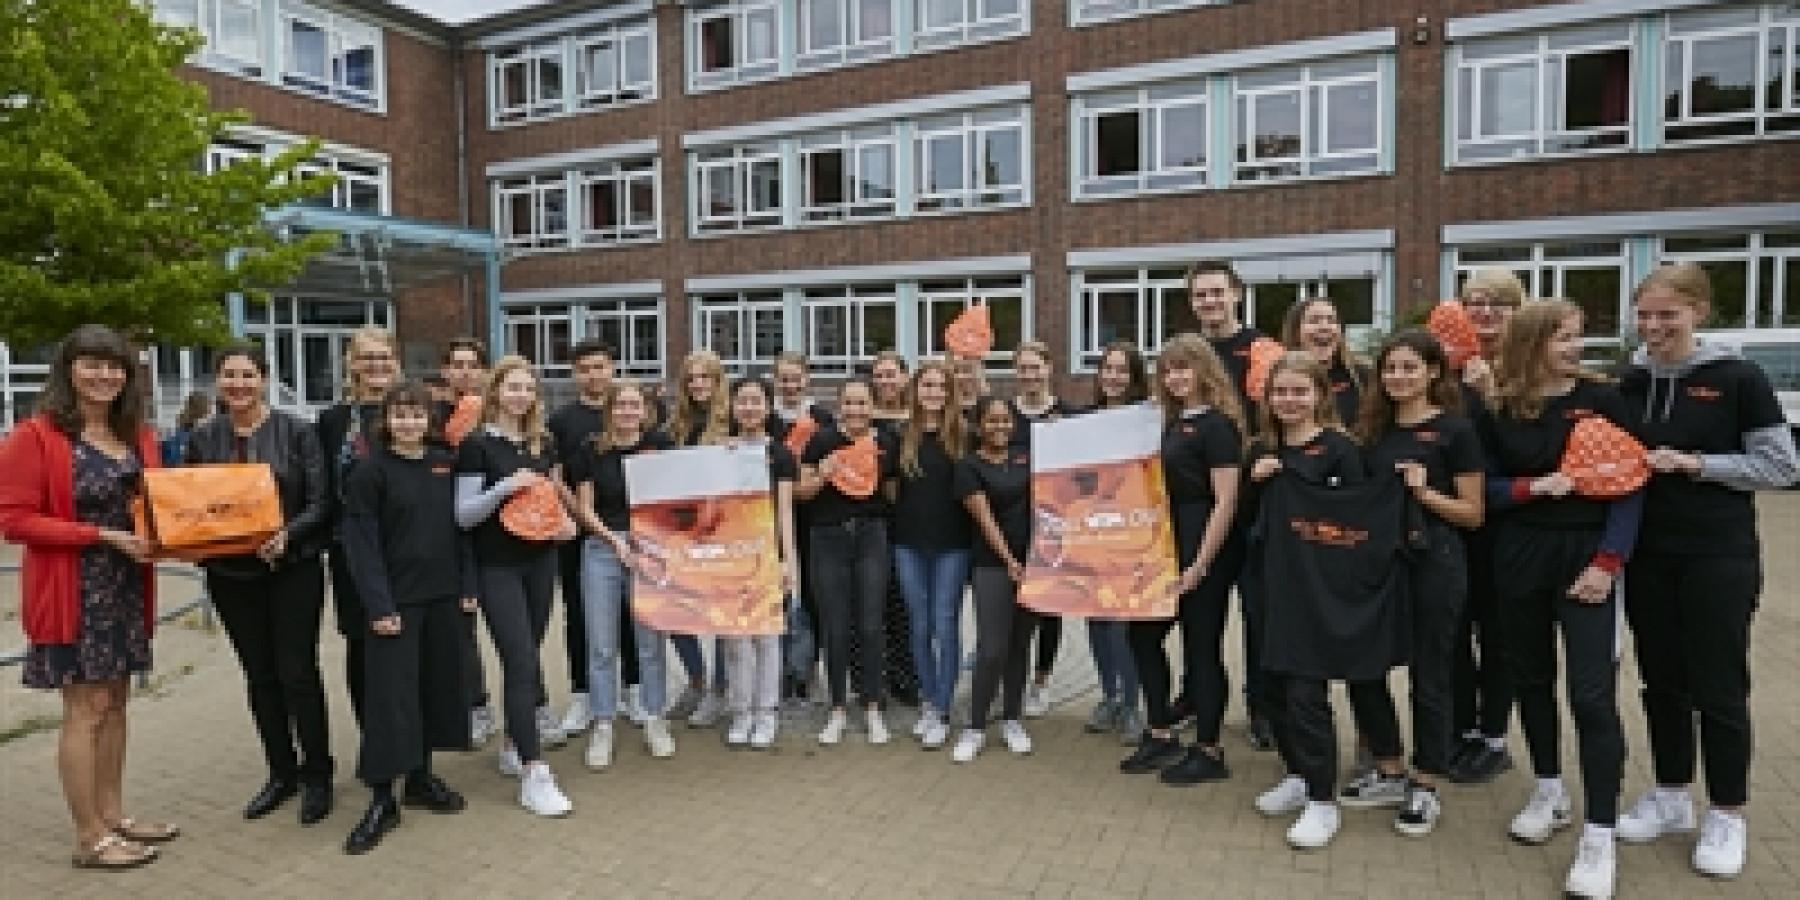 Voll ist out: Langjährige Zusammenarbeit von Schule und Drogenhilfe